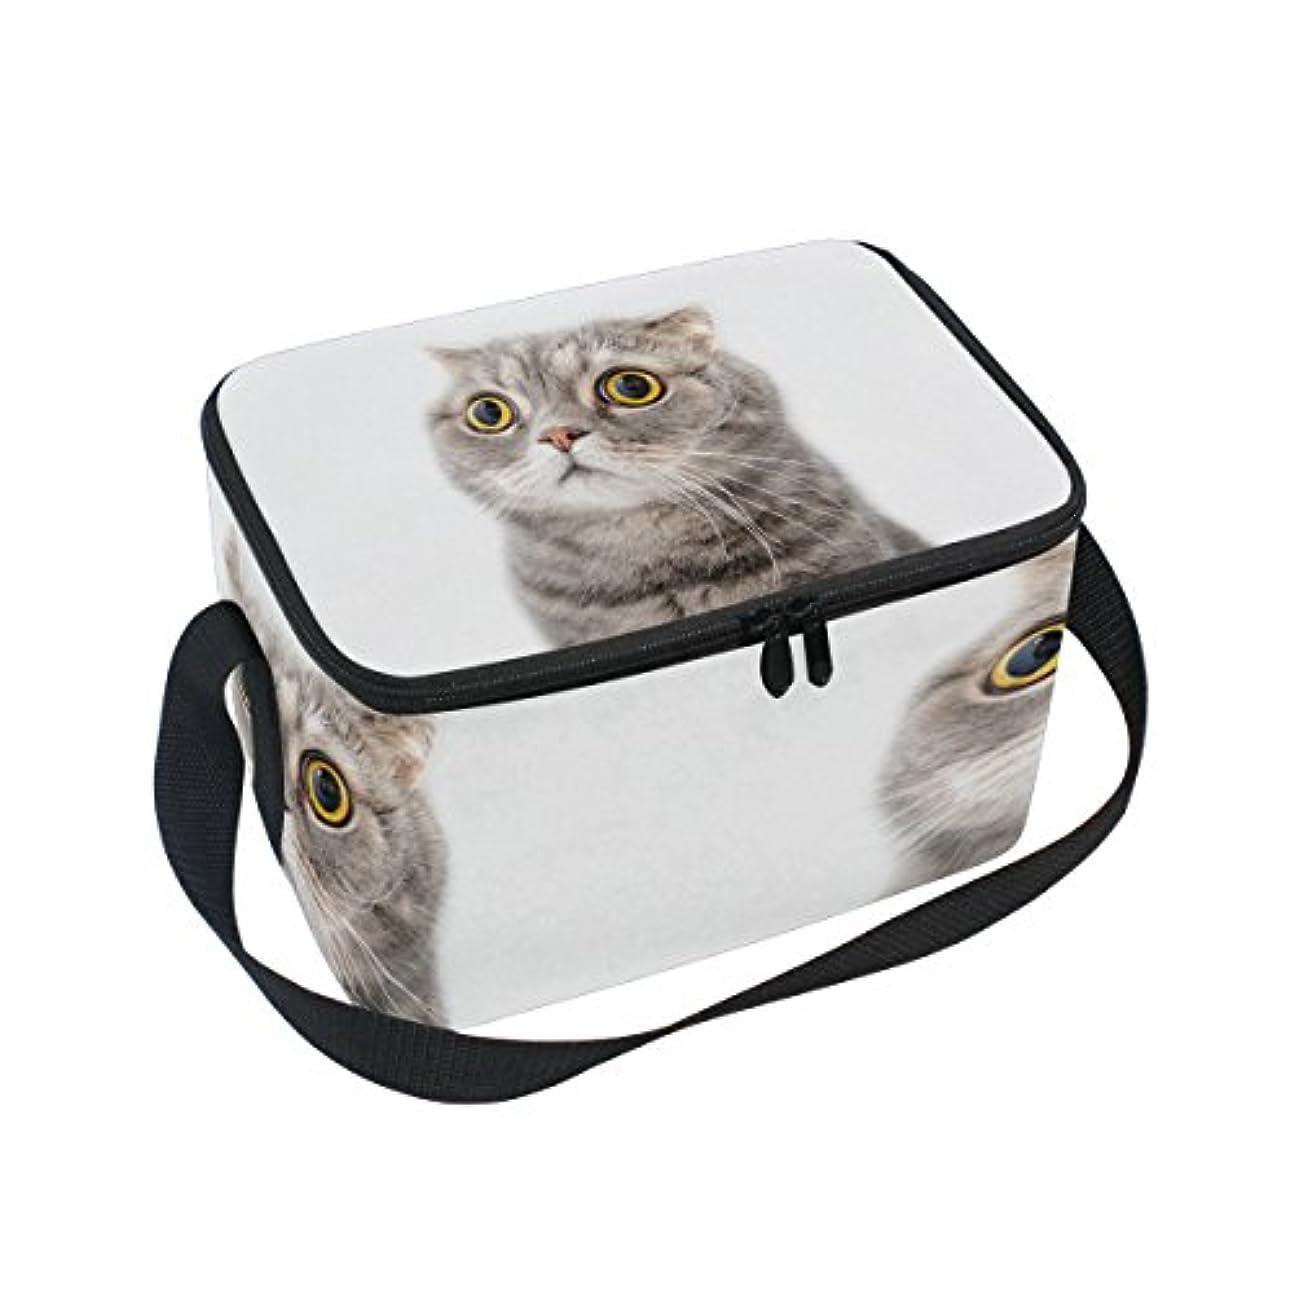 正直クルーズ同種のクーラーバッグ クーラーボックス ソフトクーラ 冷蔵ボックス キャンプ用品  太い猫柄 丸い目 可愛い 保冷保温 大容量 肩掛け お花見 アウトドア